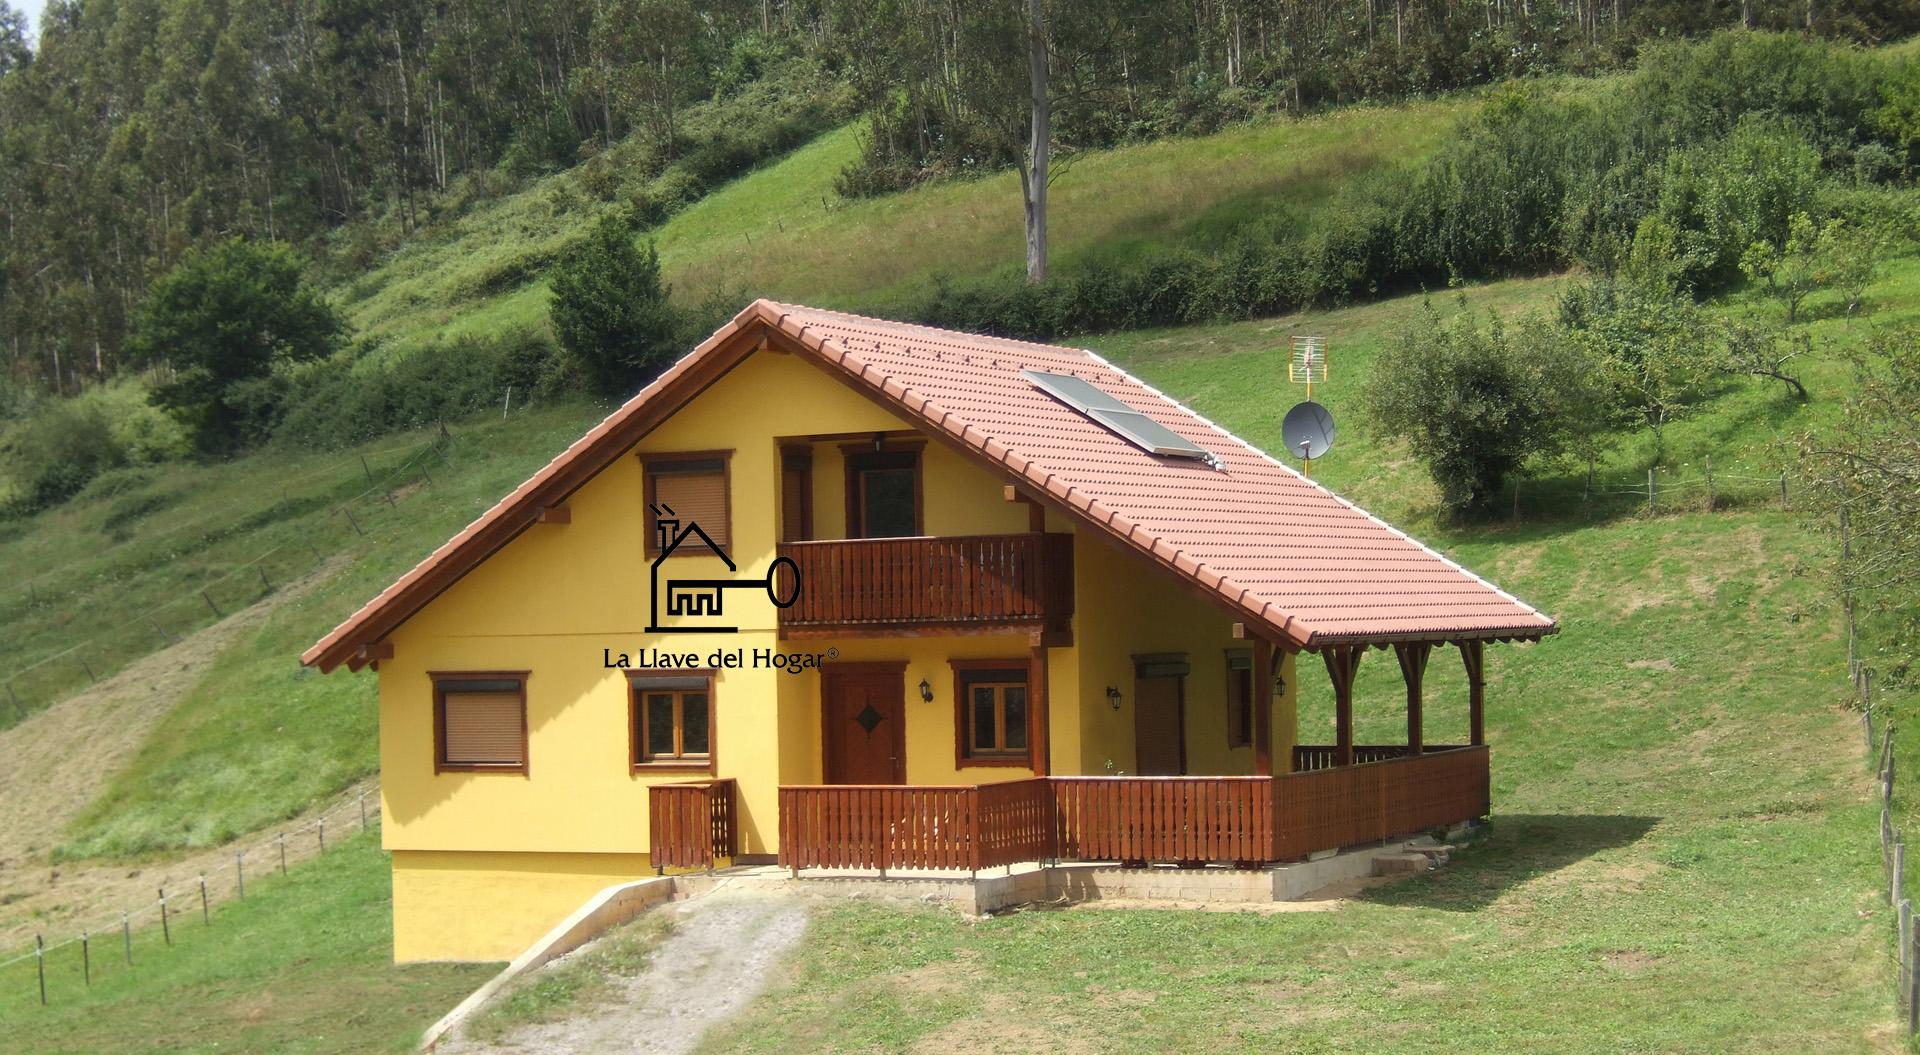 Casa de madera de entramado ligero con fachada de obra